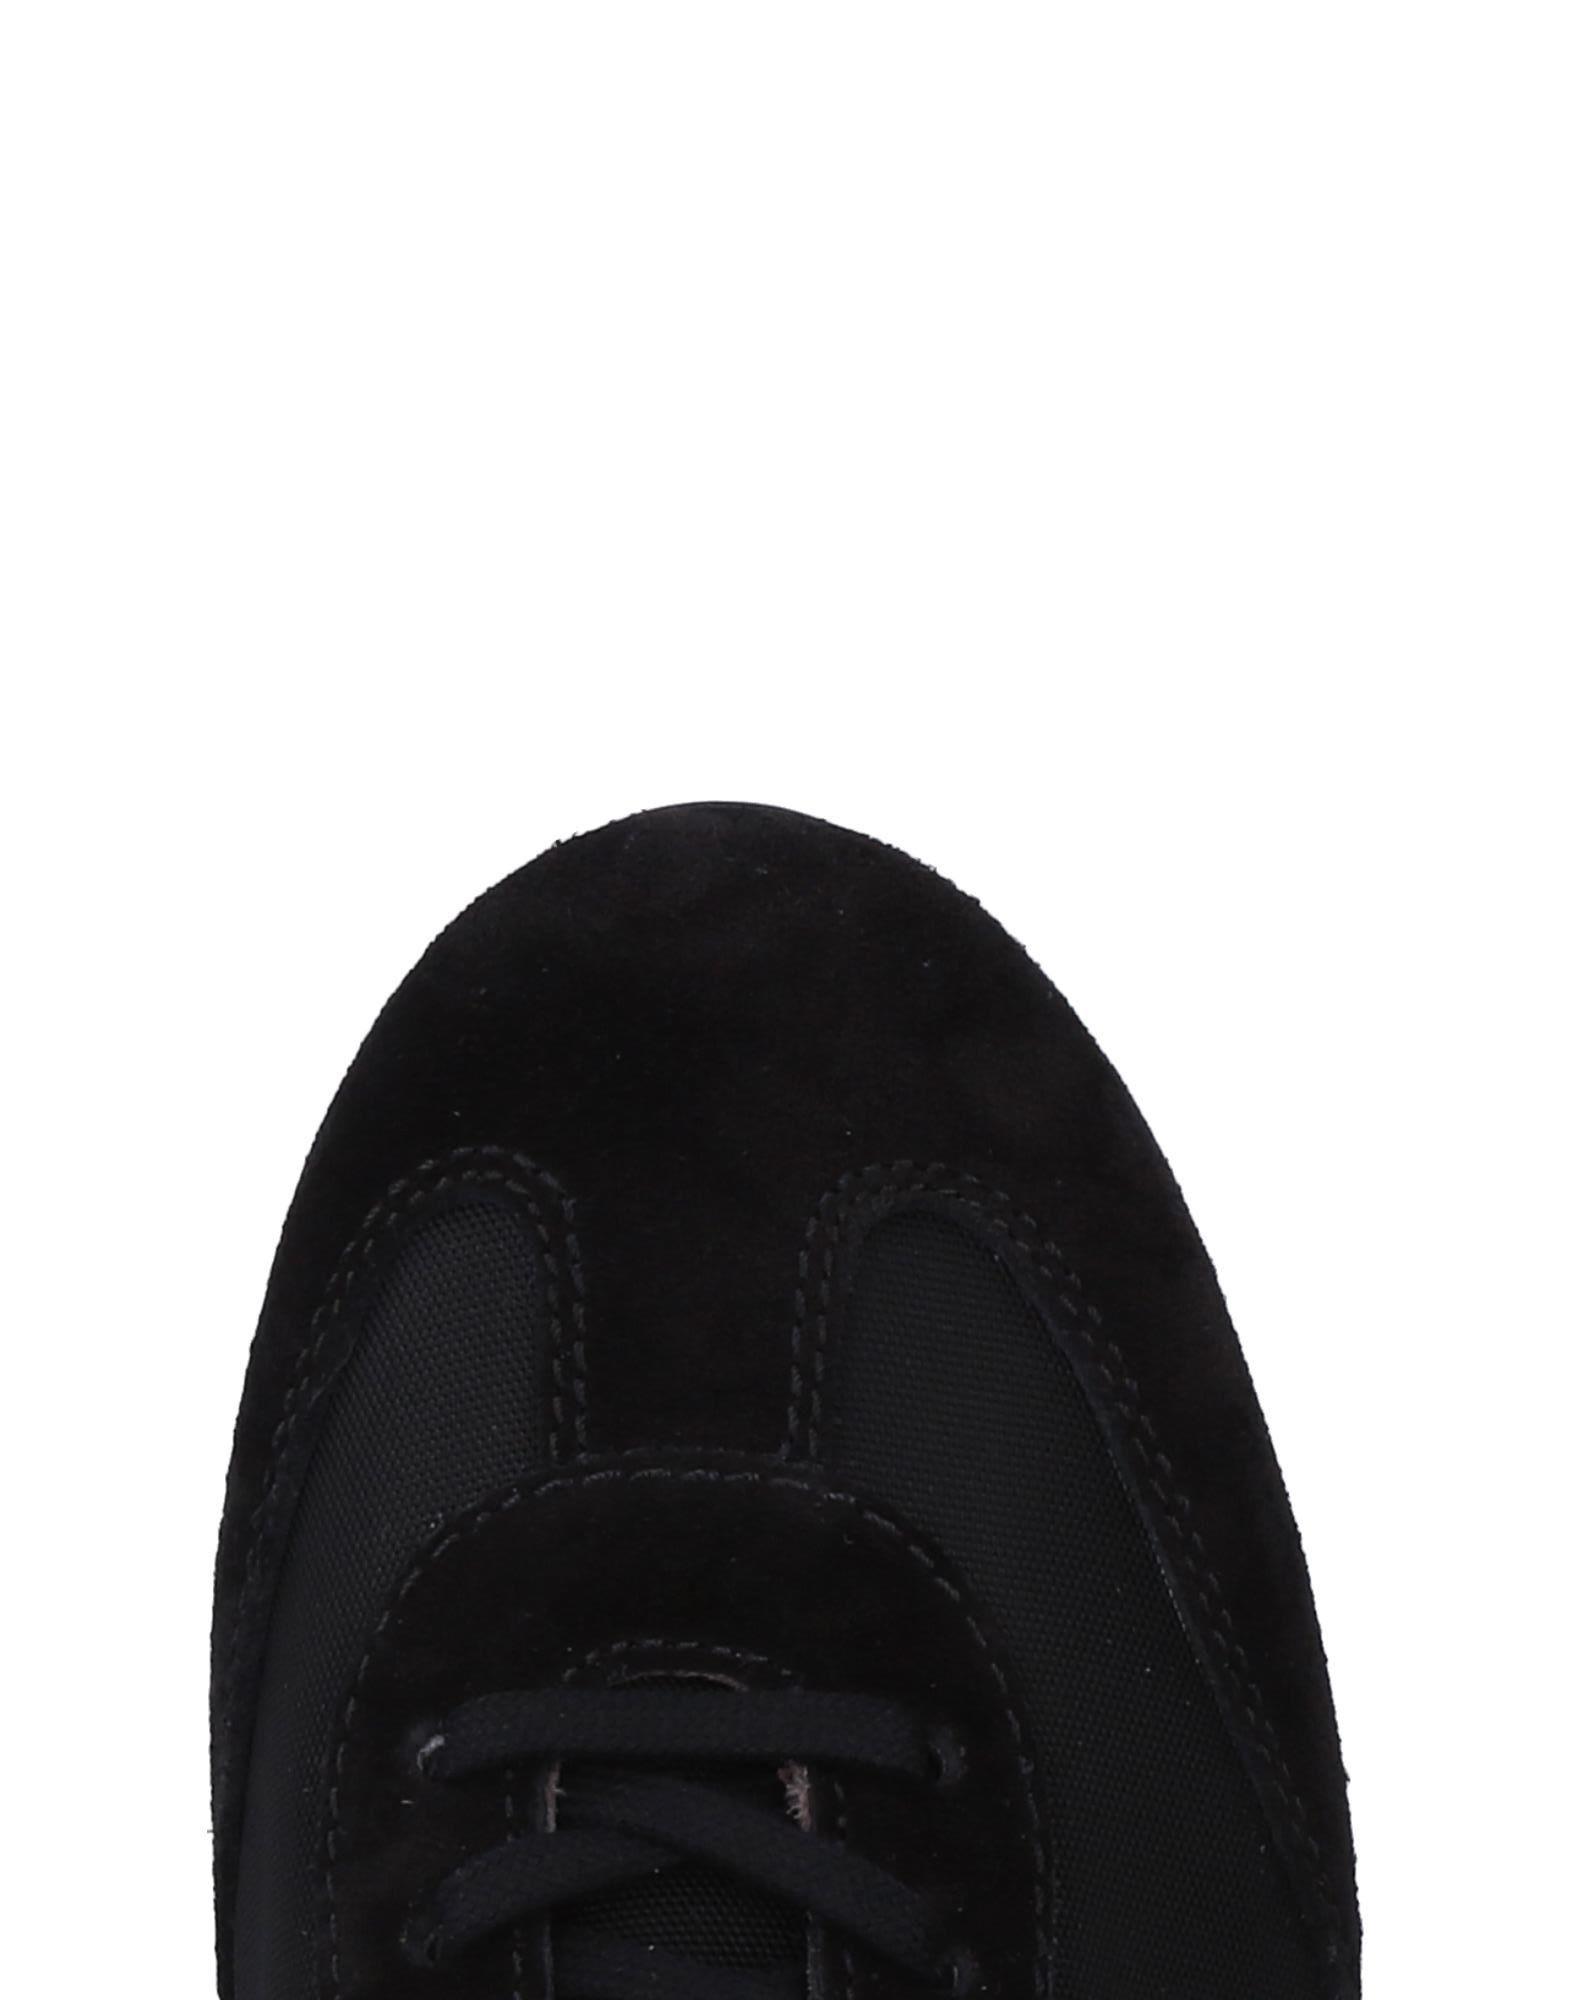 Hogan Sneakers Herren  11289264BX 11289264BX  Heiße Schuhe 46a18b